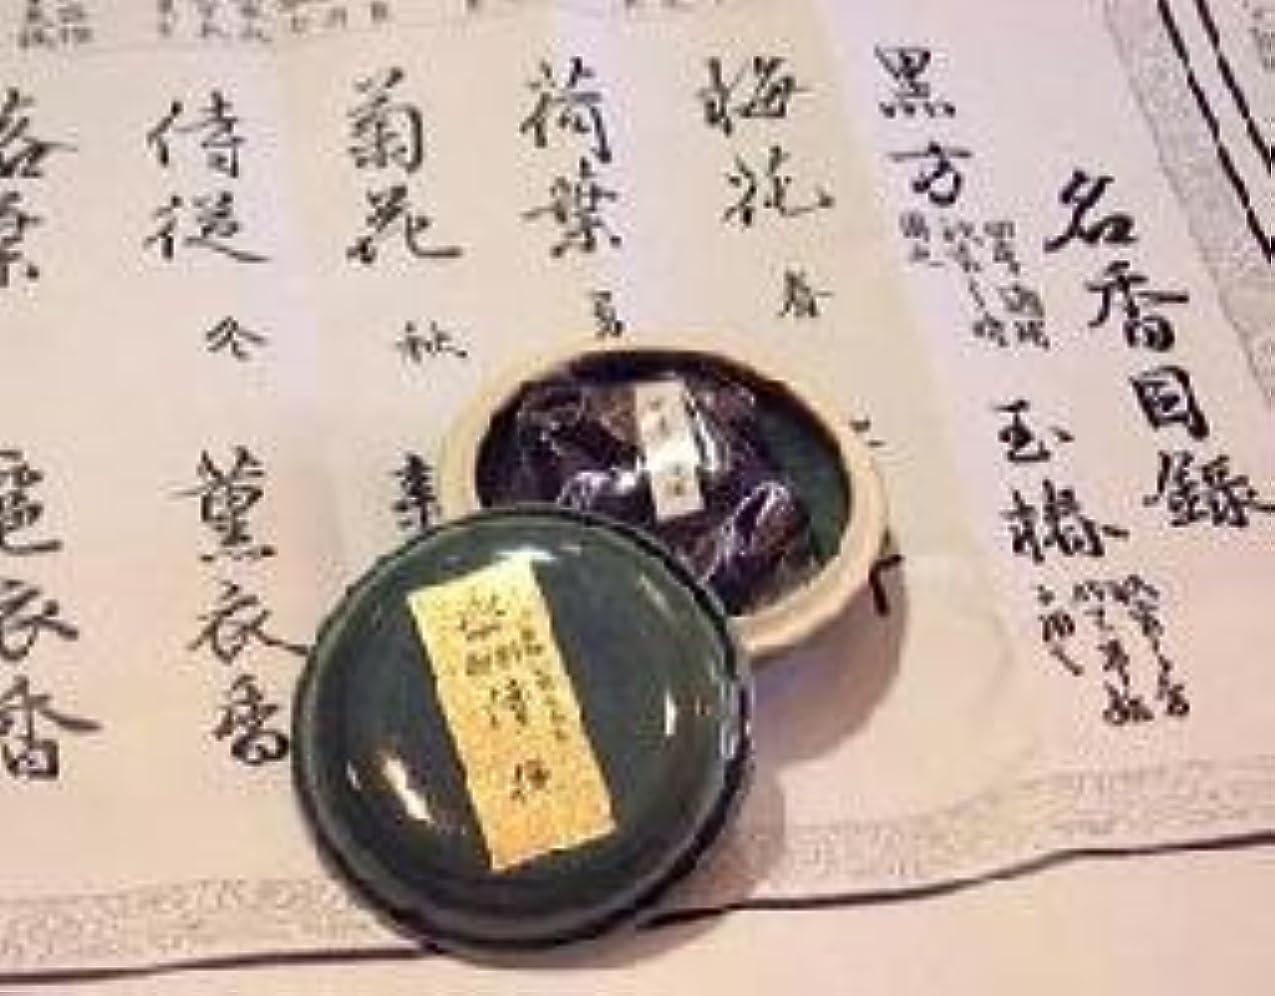 にやにや洗剤一般鳩居堂の煉香 御香 侍従 桐箱 たと紙 陶器香合11g入 #505